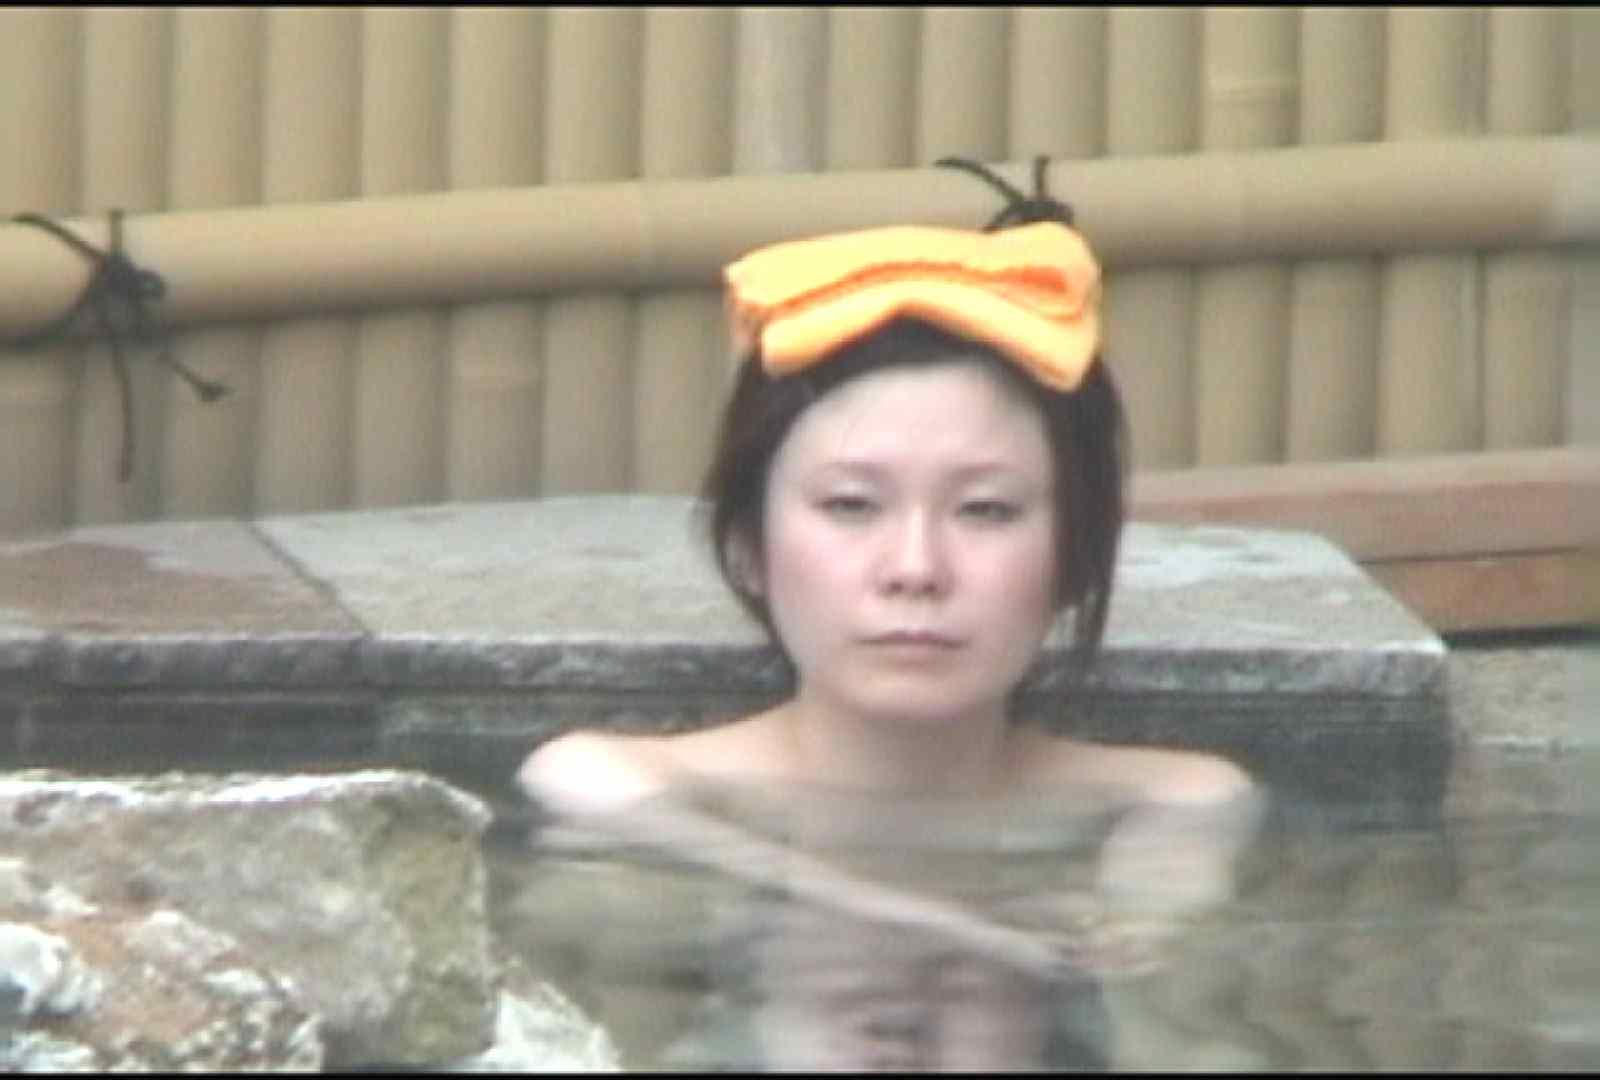 Aquaな露天風呂Vol.177 盗撮師作品 | 美しいOLの裸体  102pic 58